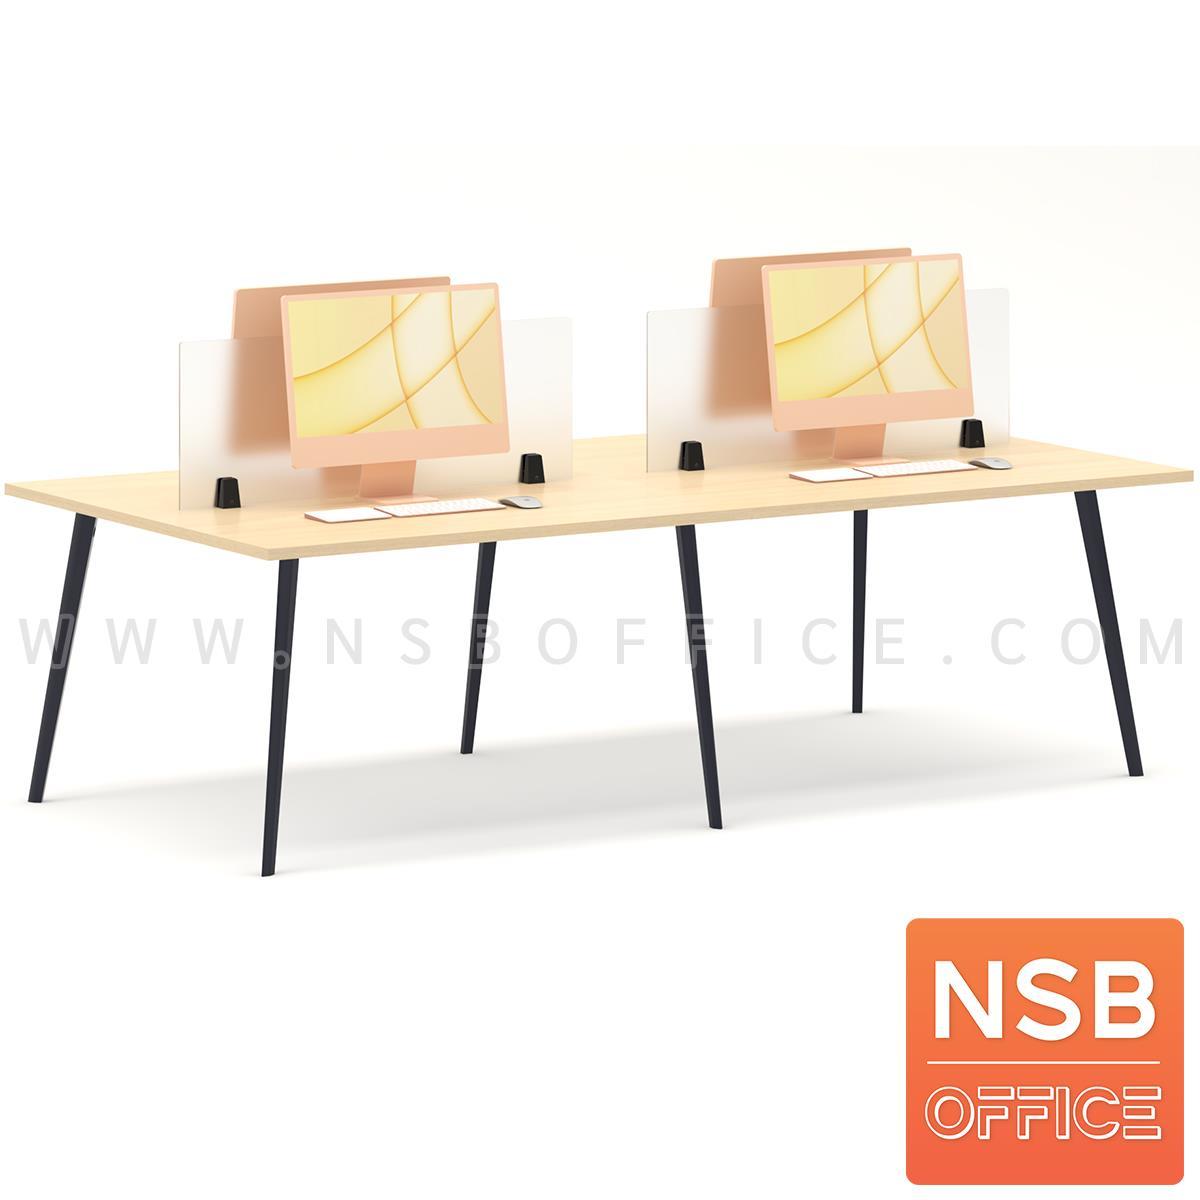 A27A035:โต๊ะทำงานกลุ่ม 4 ที่นั่ง  ขนาด 240W*120D cm. ขาปลายเรียว 6 เหลี่ยม สีเทาคราม